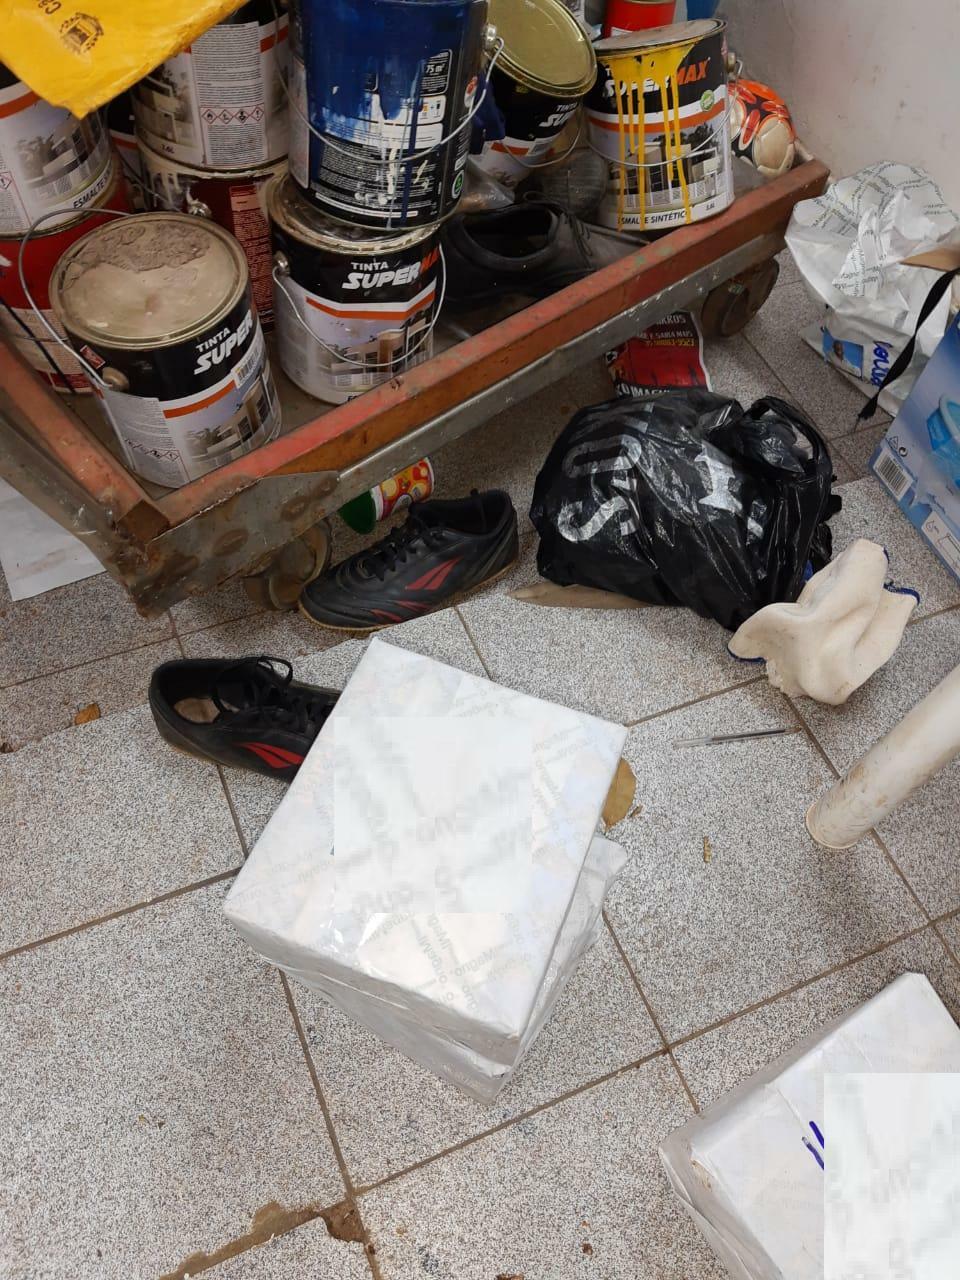 Polícia Civil investiga vereador por importunação sexual em Varginha - Foto: Divulgação/PCMG